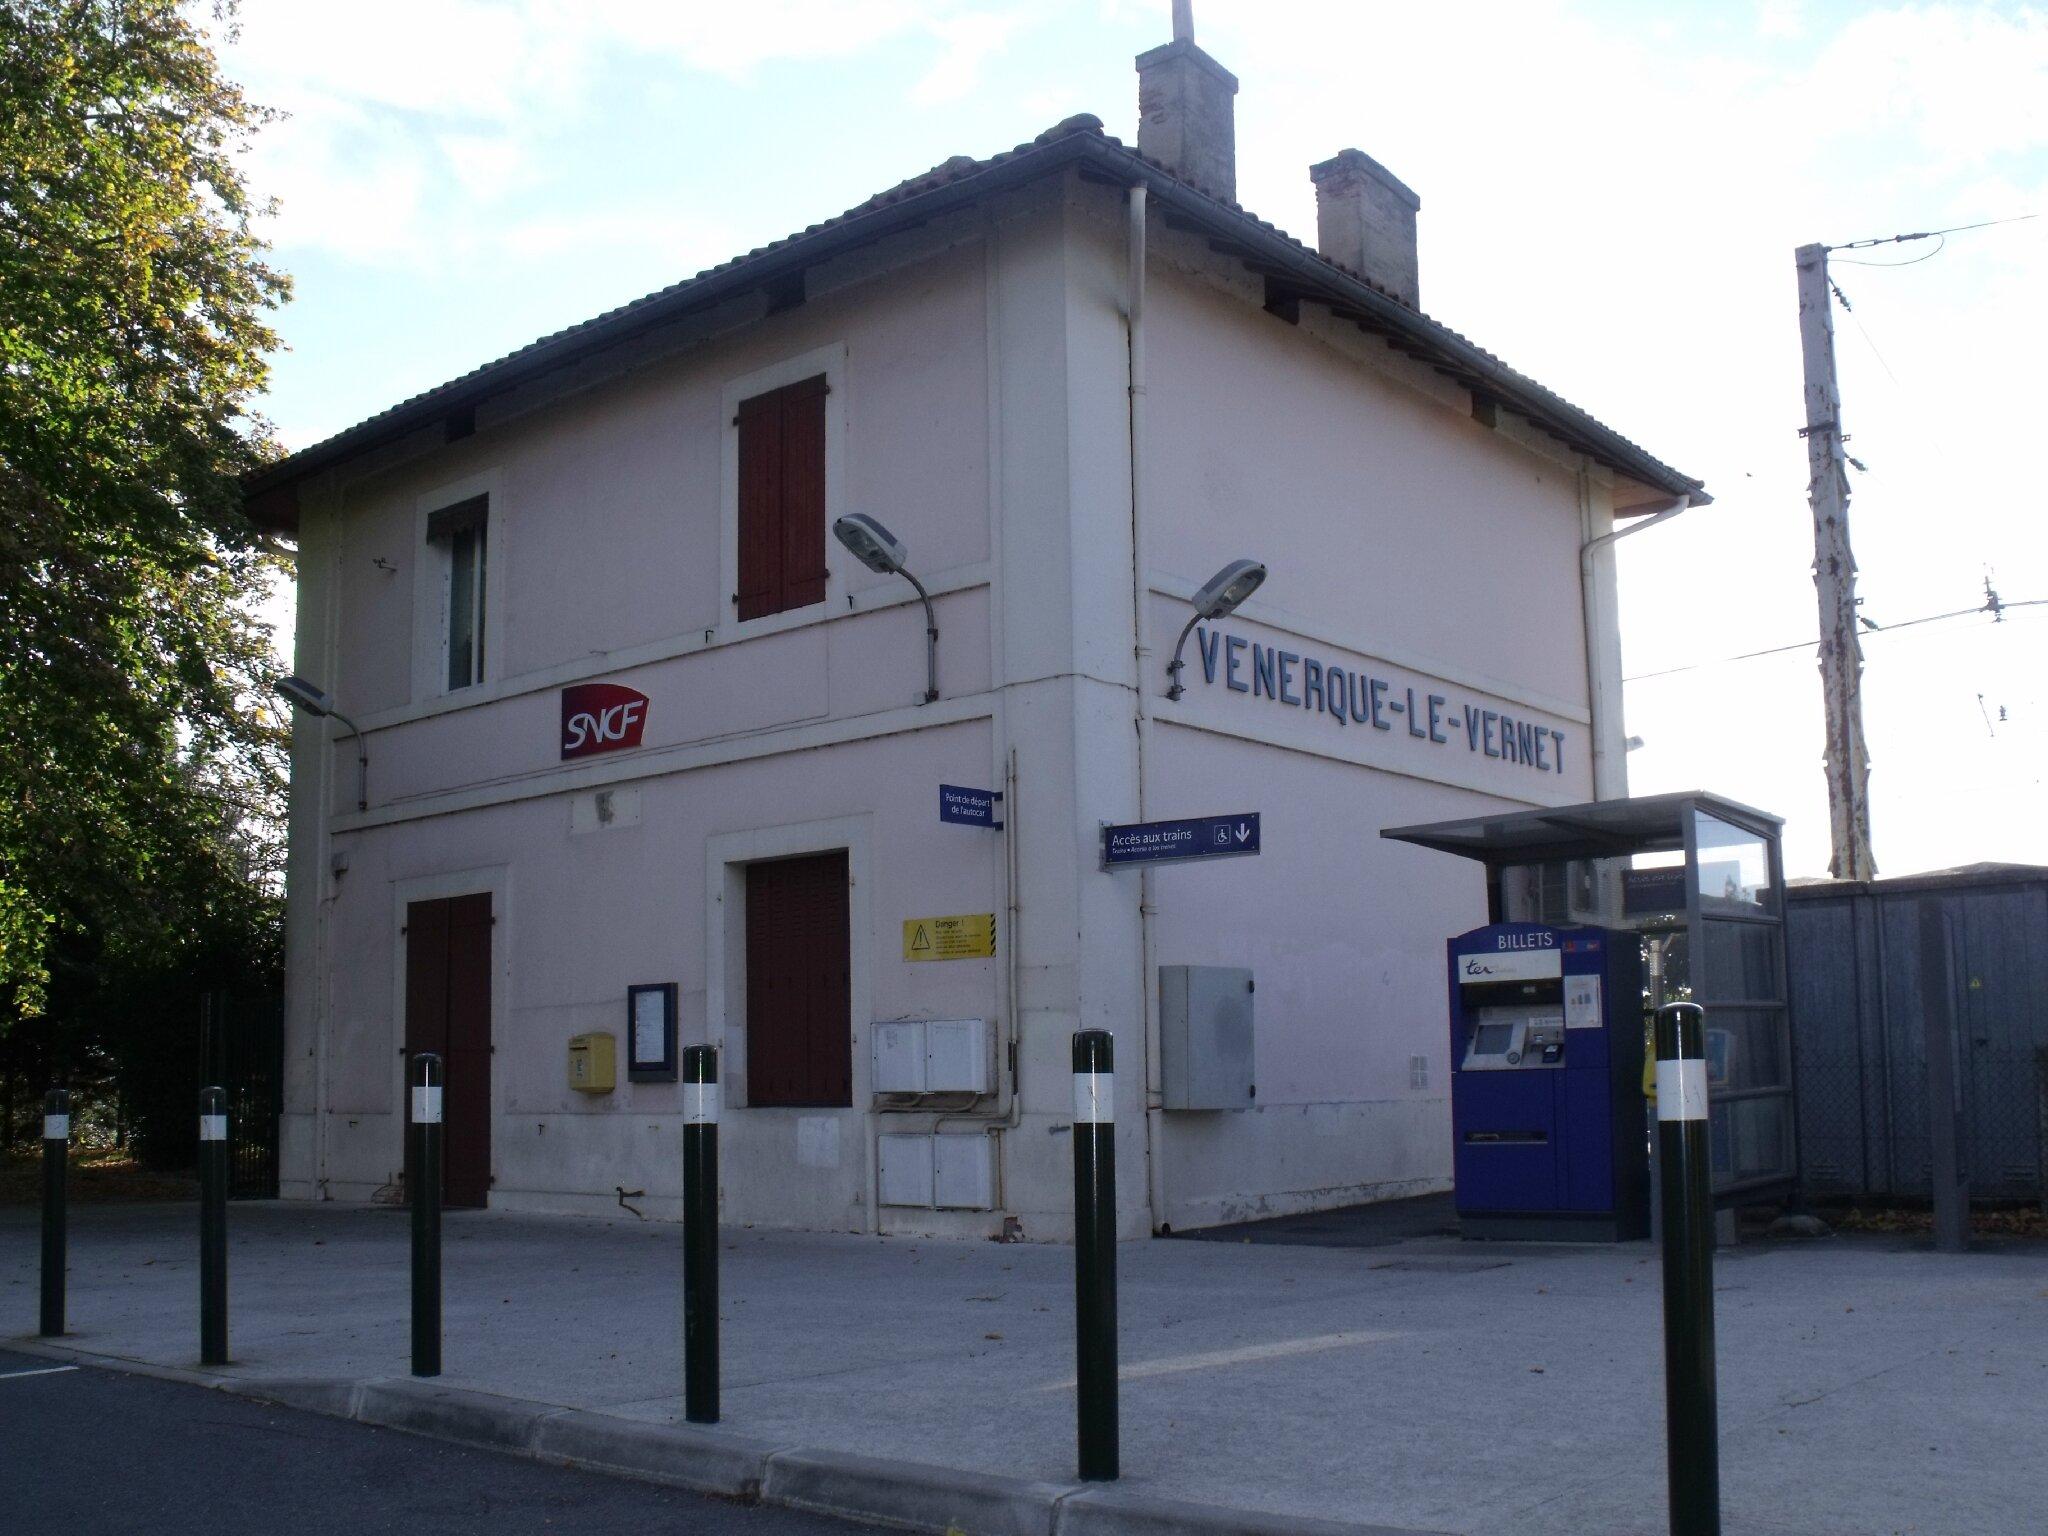 Verneque - Le Vernet (Haute-Garonne - 31)